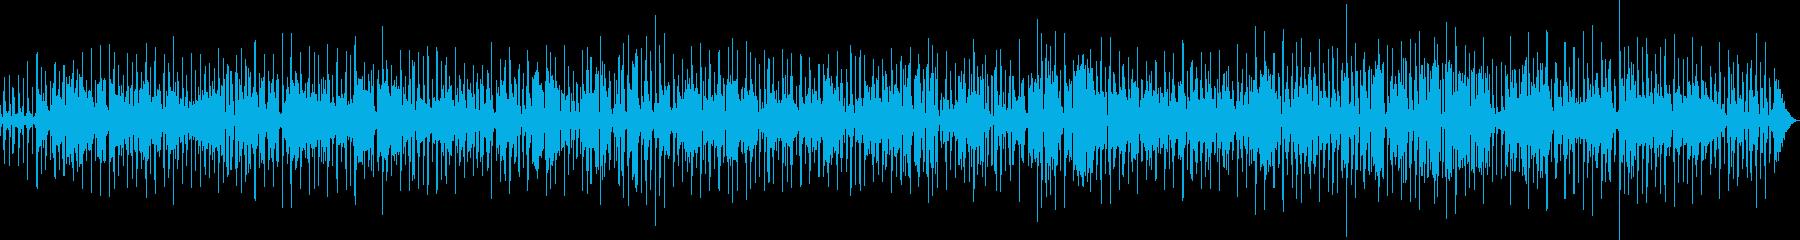 ラウンジ・バーに流れる大人のジャズの再生済みの波形